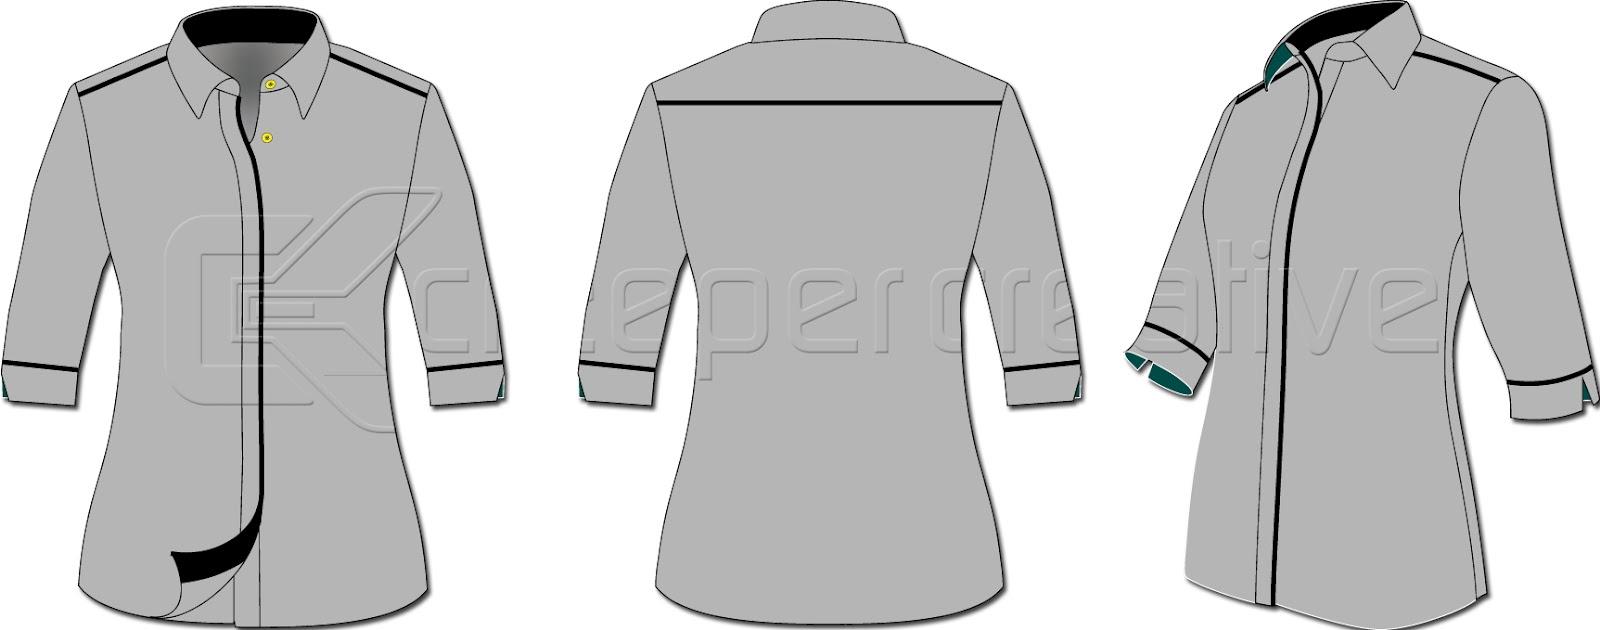 Design Corporate Shirt Template Somurich